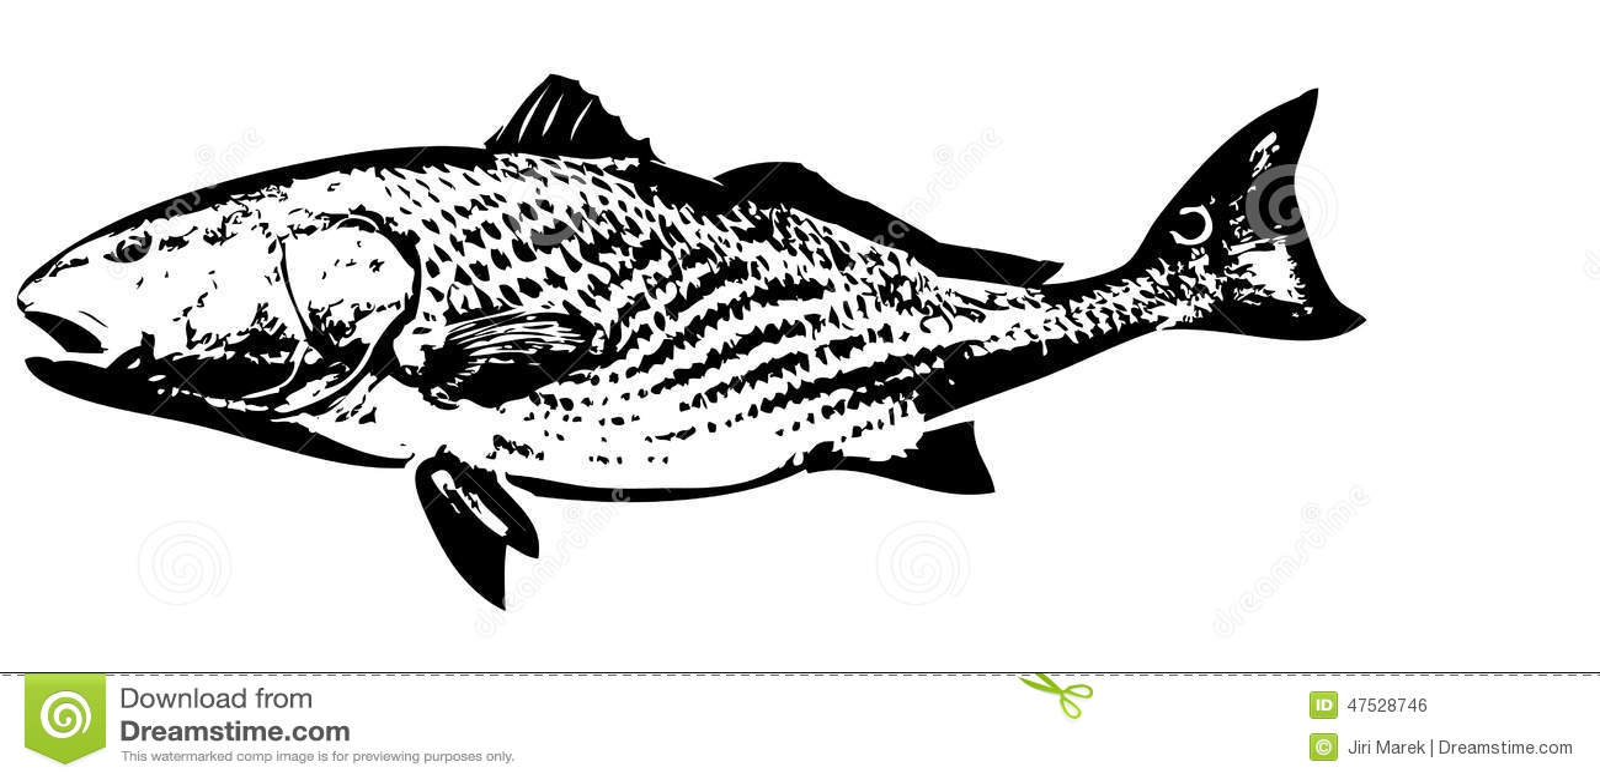 Redfish Fish Vector Stock Vector Illustration Of Fish 47528746